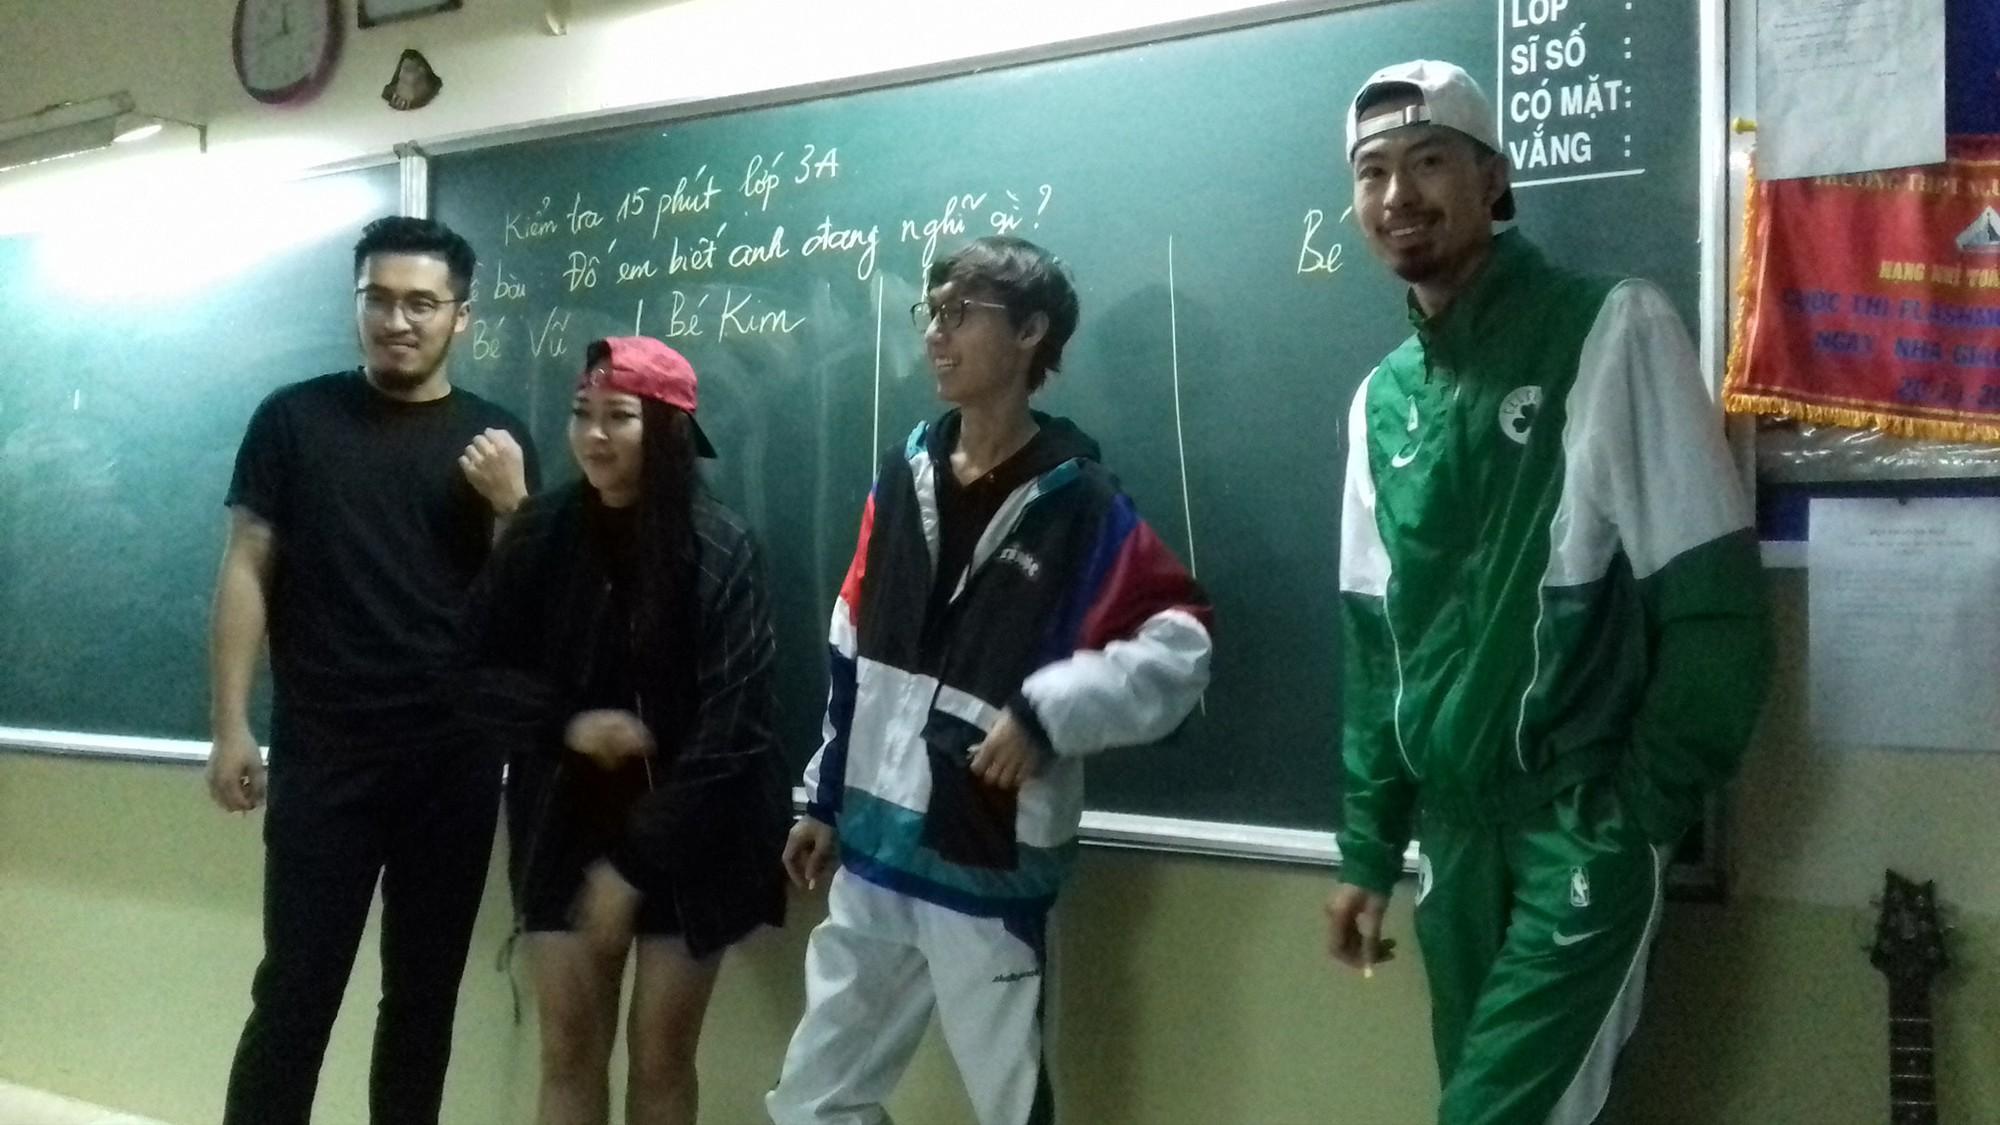 Bức ảnh lớp học trong mơ gây sốt MXH: Có 4 nghệ sĩ đình đám, trong đó 2 người hot nhất giới Underground - Ảnh 2.